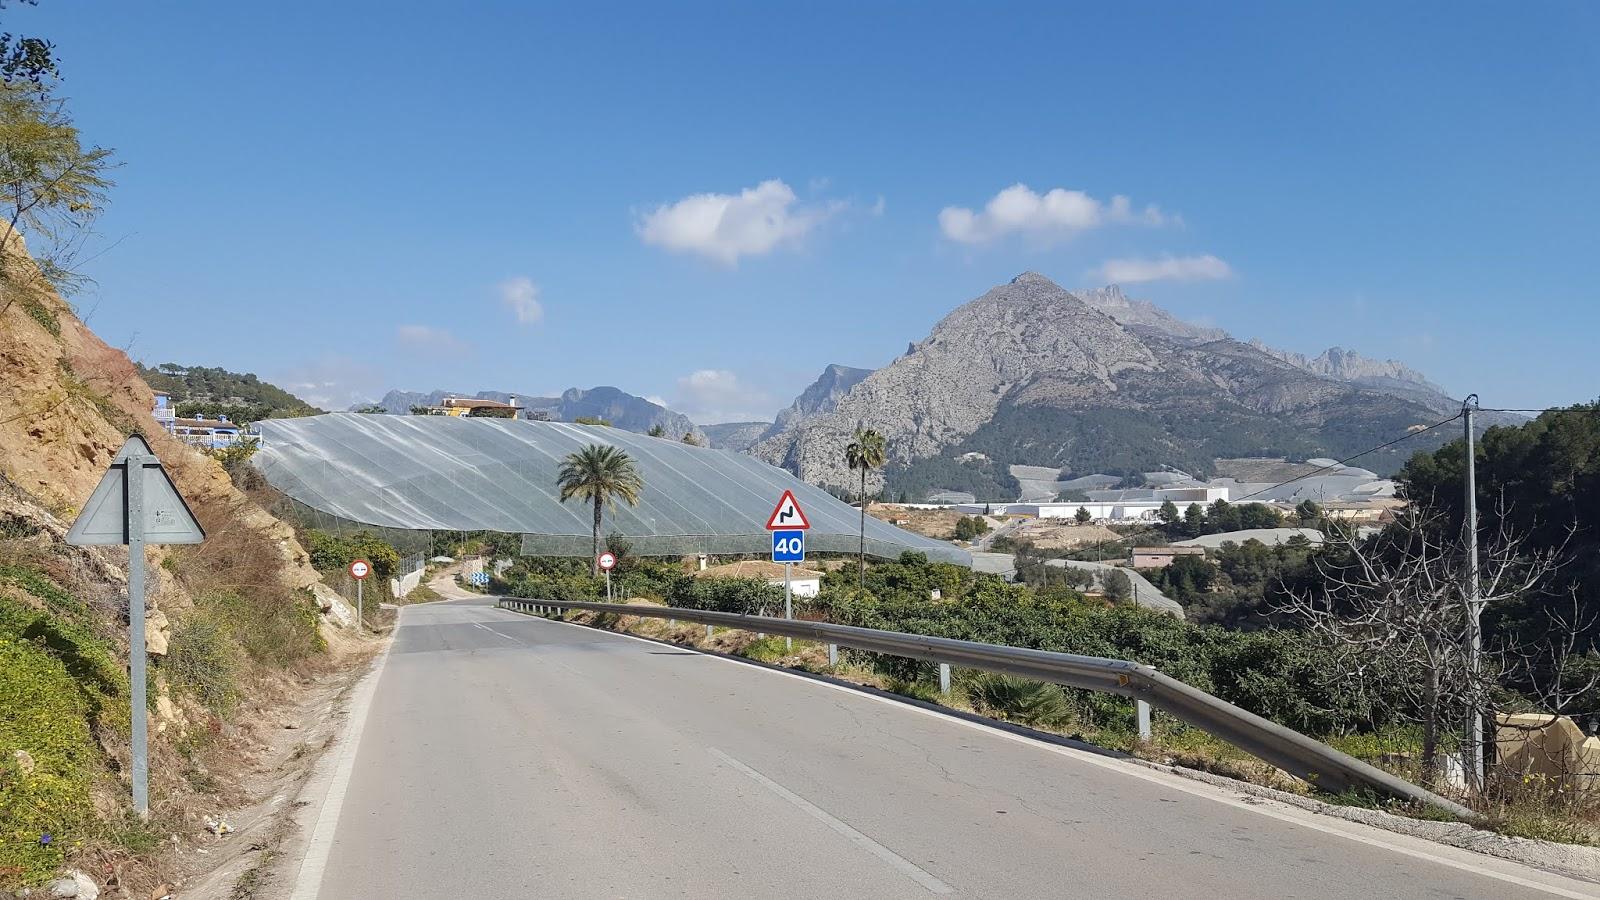 Greenhouses and Sierra de Bernia, Callosa d'en Sarrià